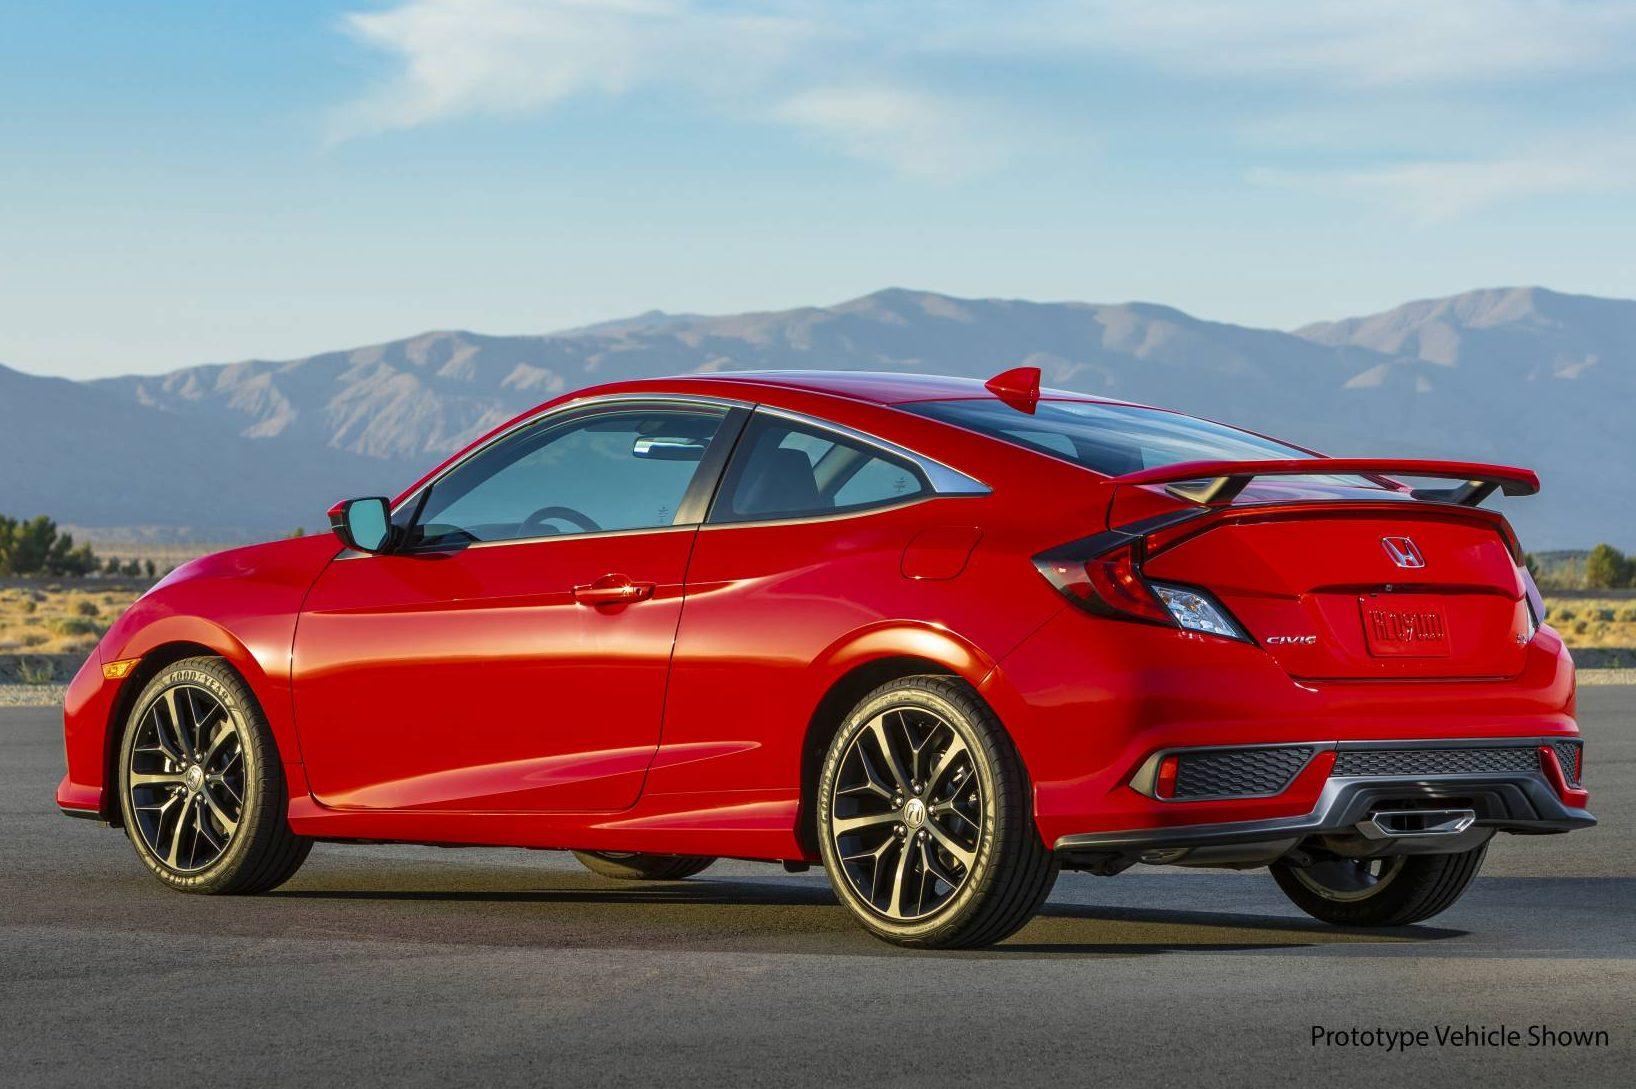 Novo Honda Civic Si tem câmbio mais curto e simula ronco ...